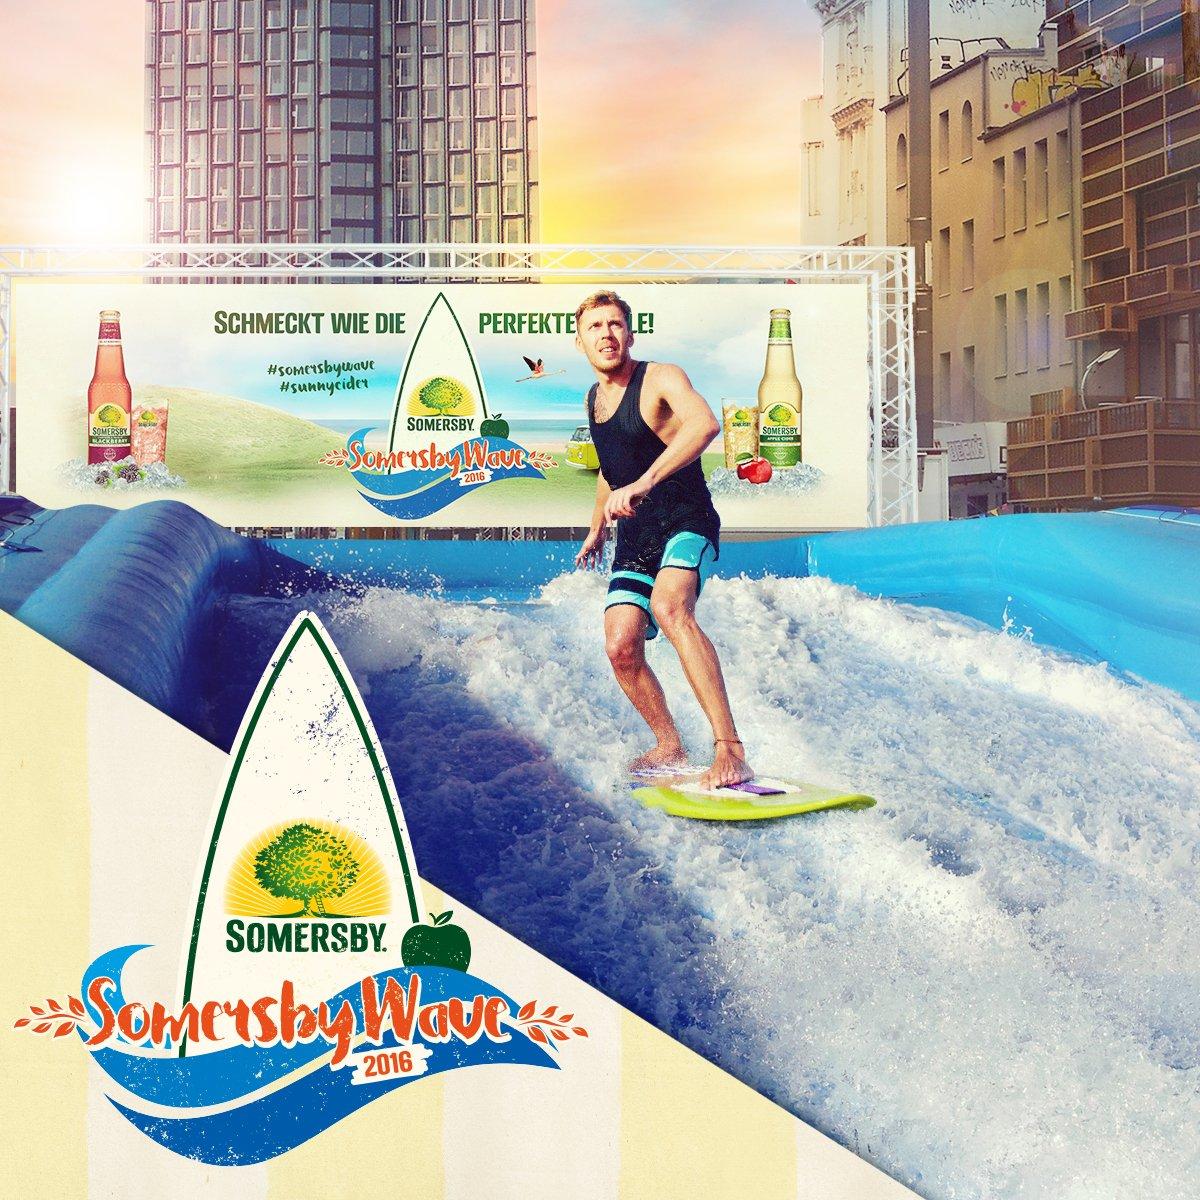 Die Surf-Days finden vom 9. bis 12. Juni 2016 in Hamburg statt.